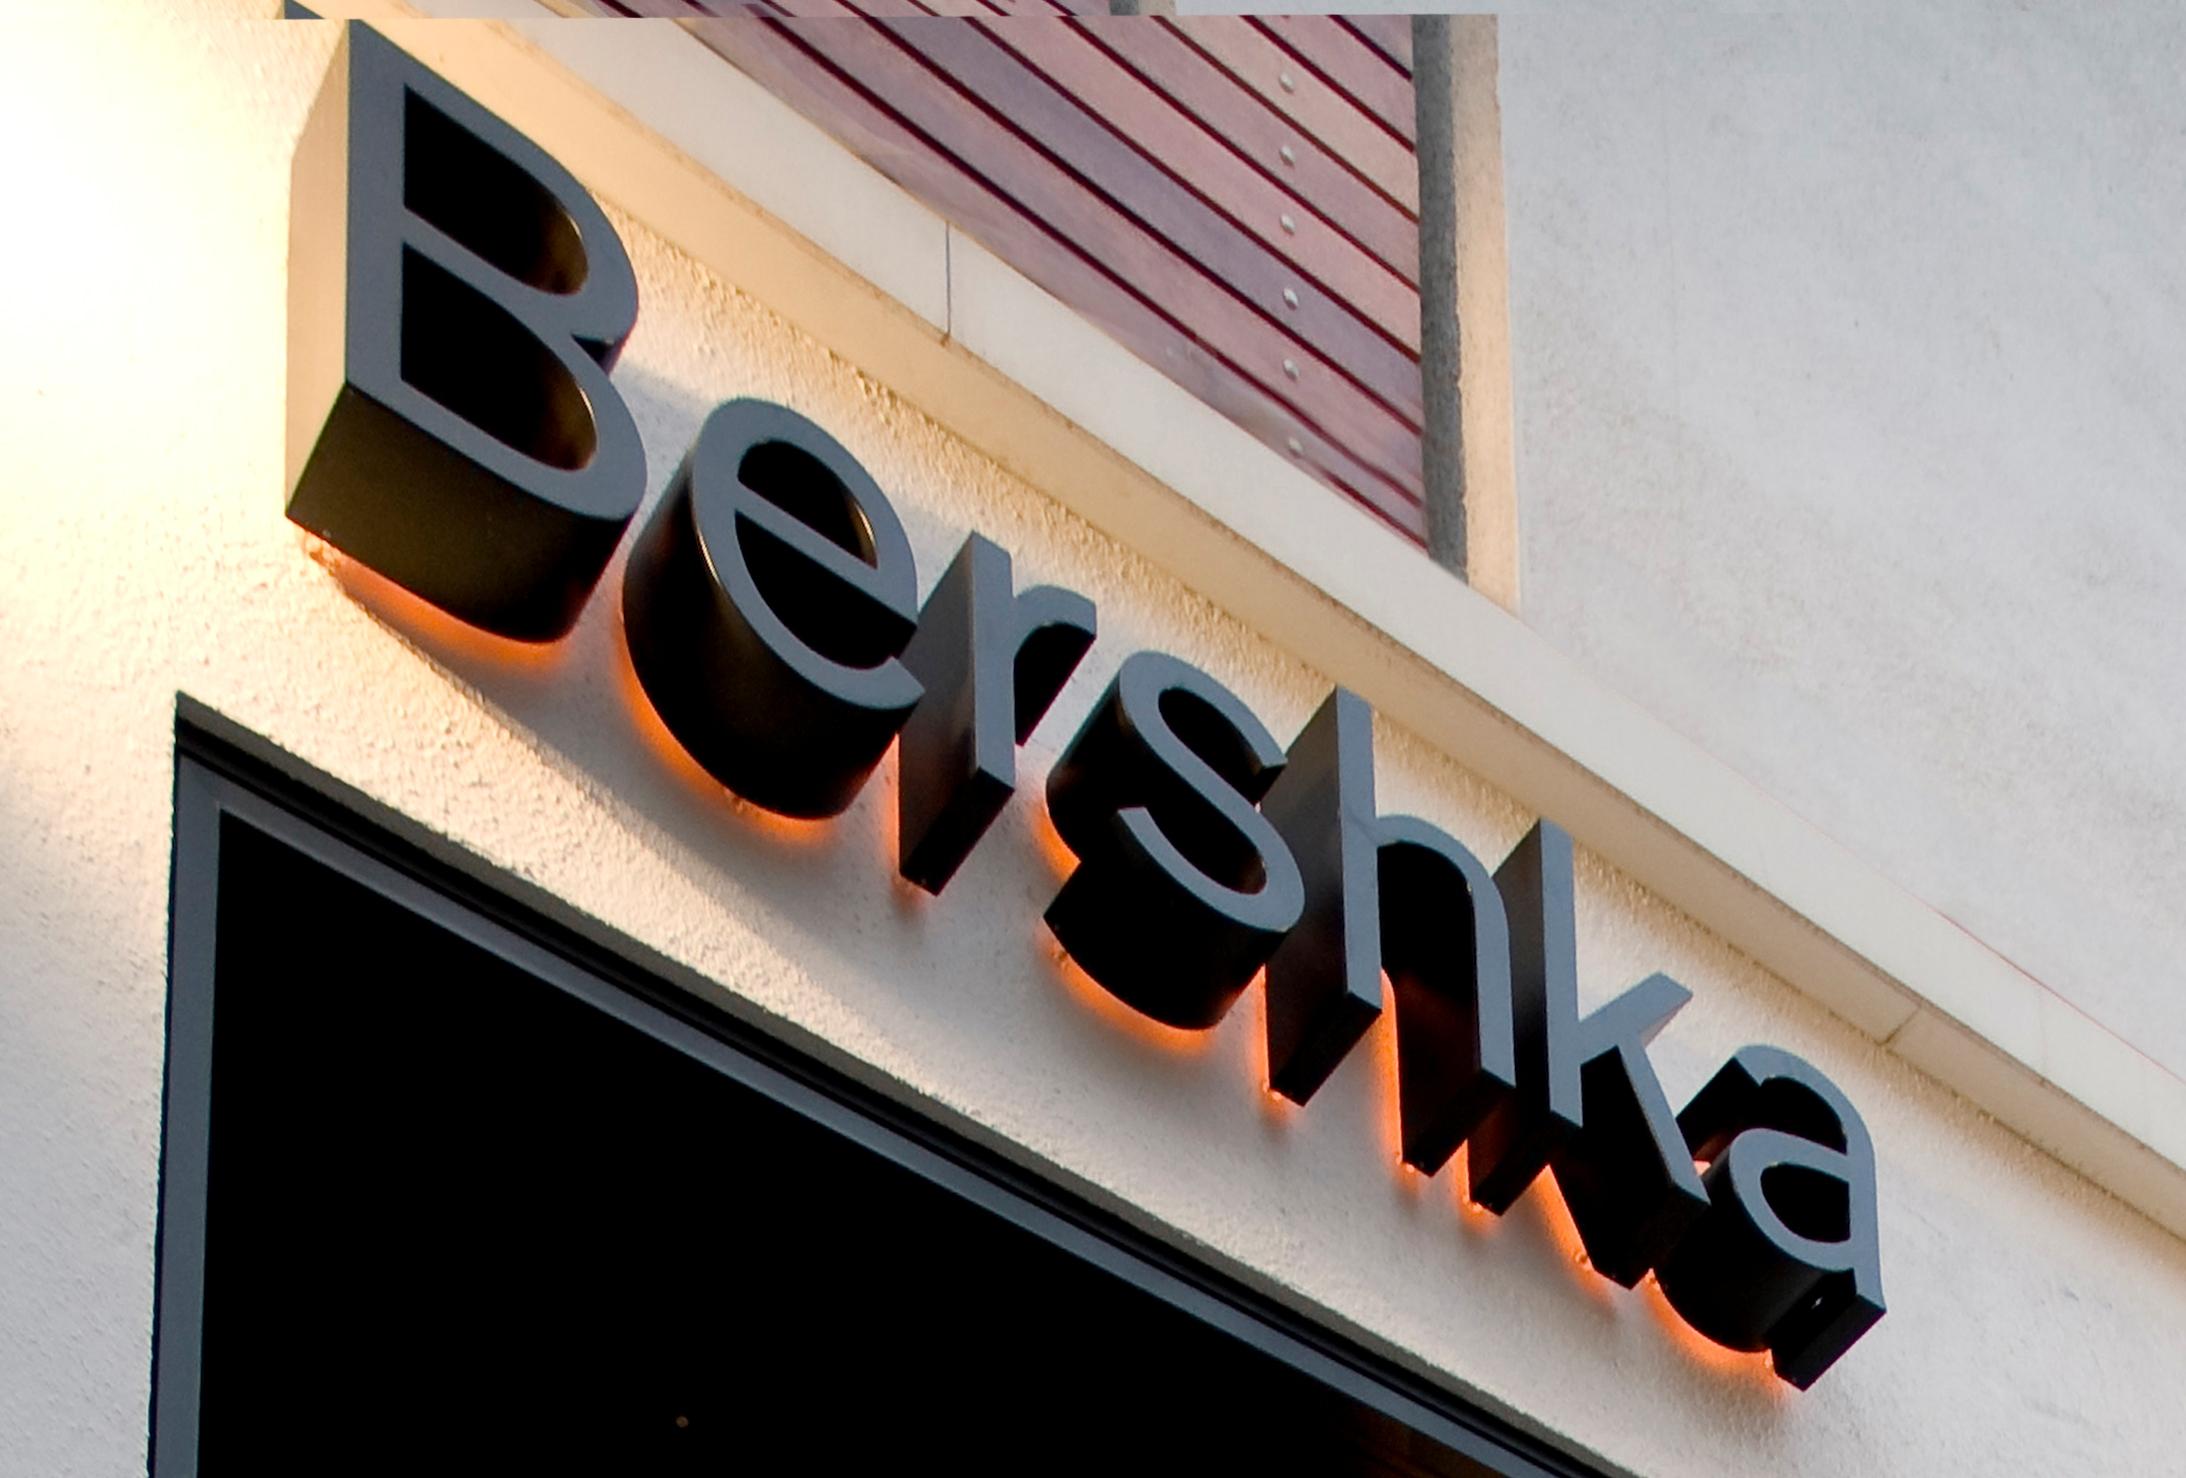 bershka pagará un alquiler de 1,2 millones a la comunidad valenciana